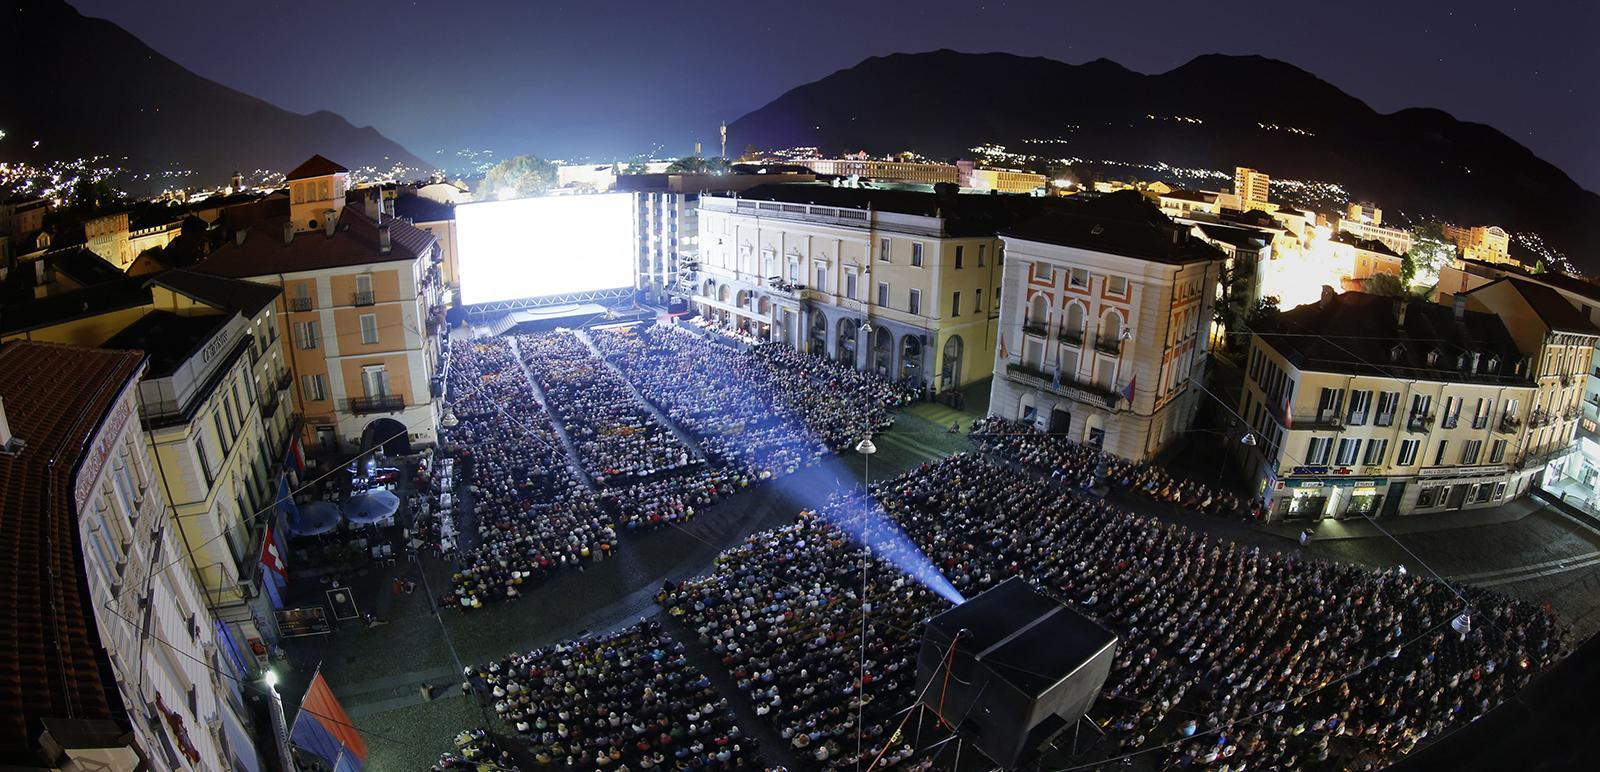 Filmfestival von Locarno auf der Piazza Grande